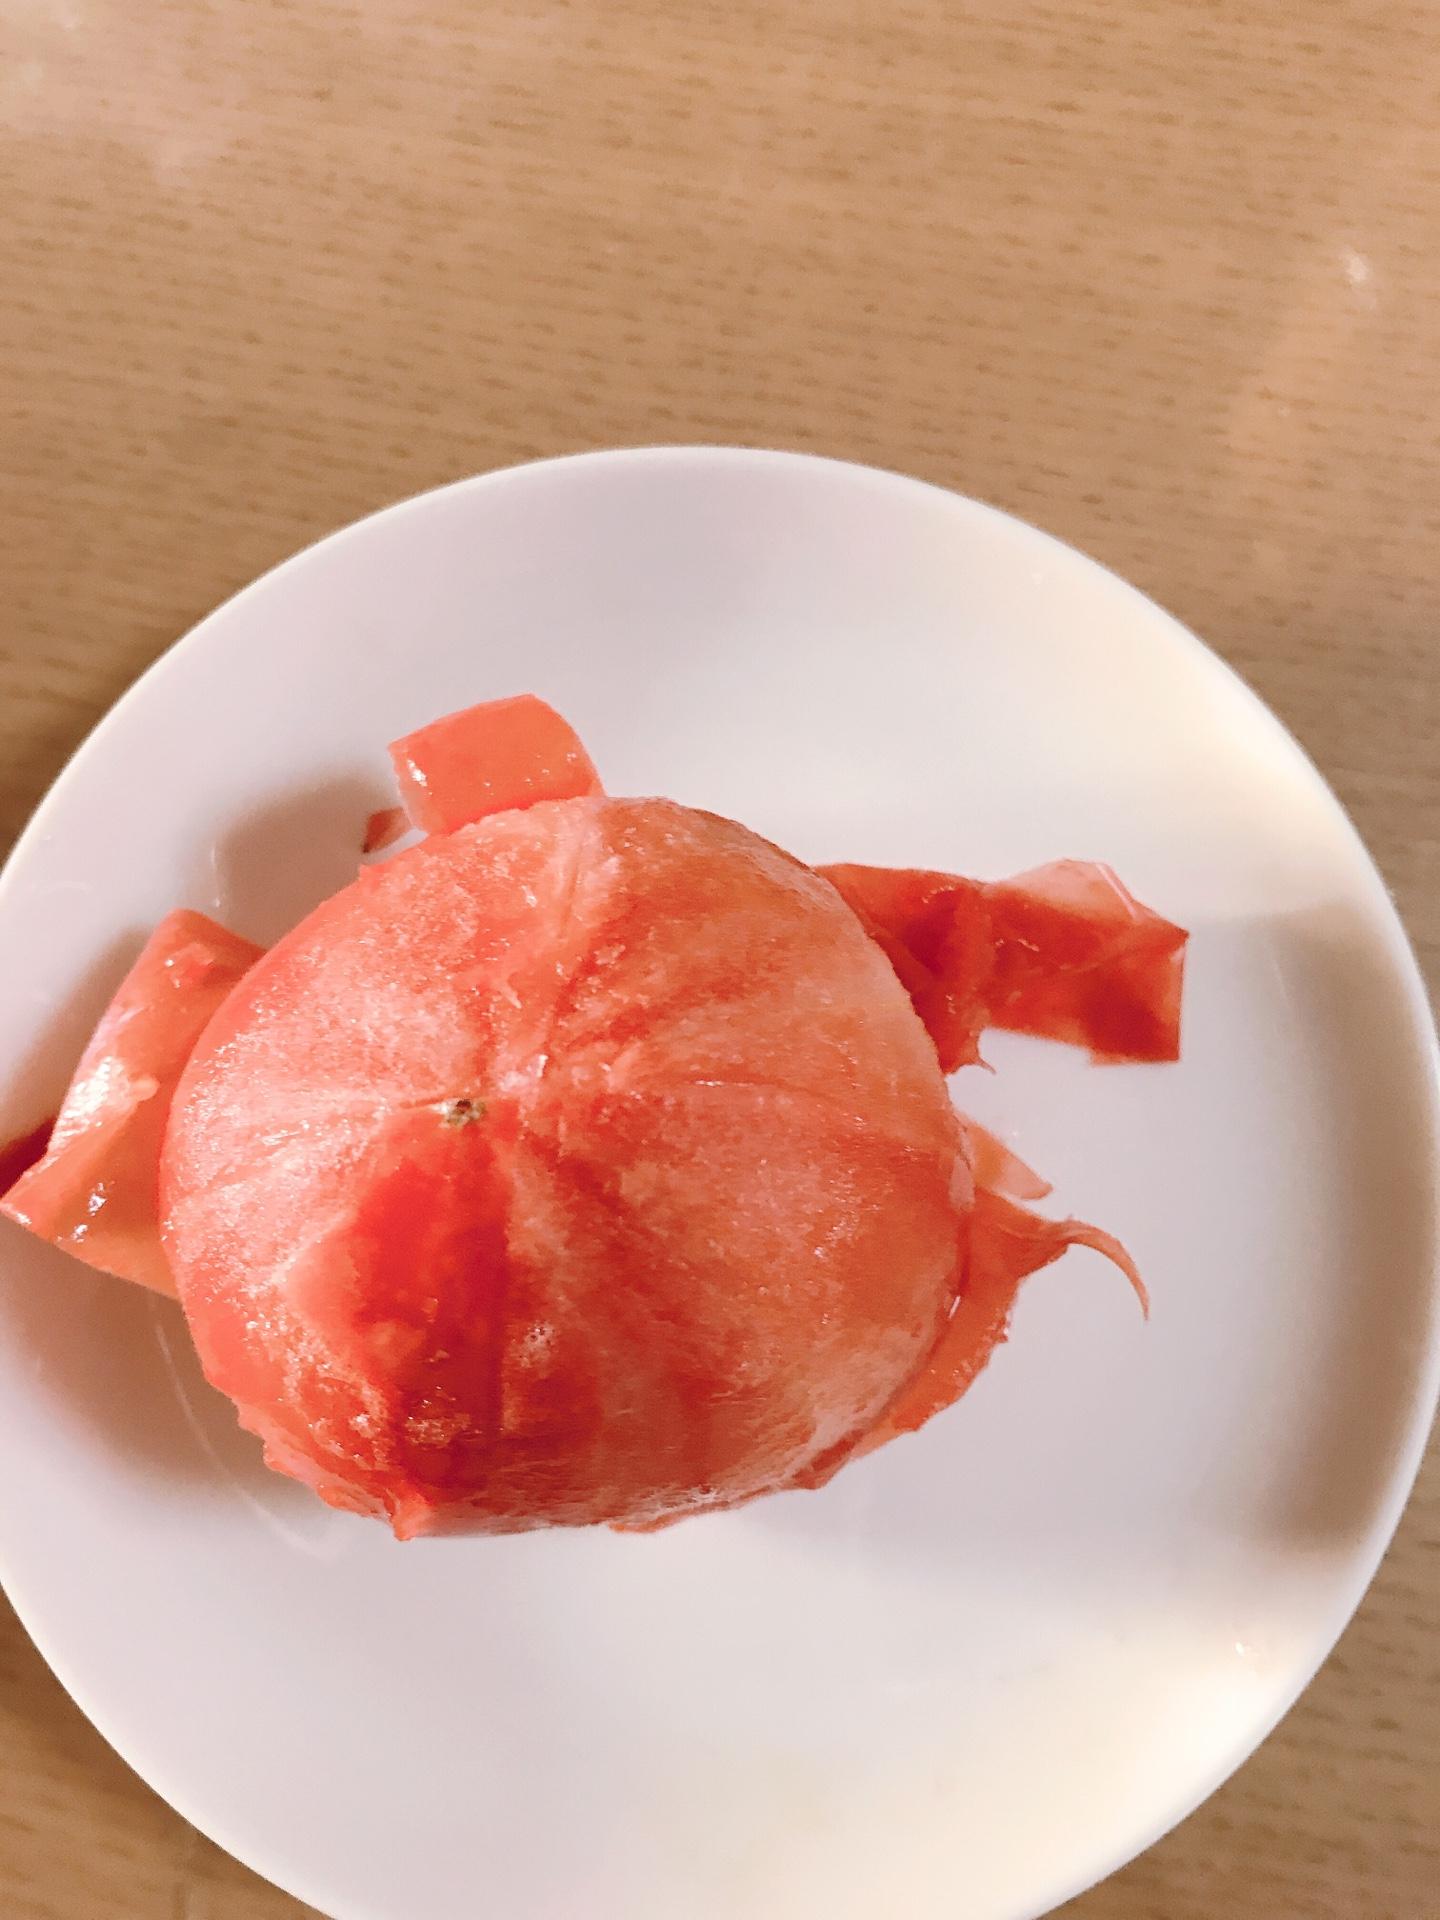 冷凍フルーツトマト皮むき